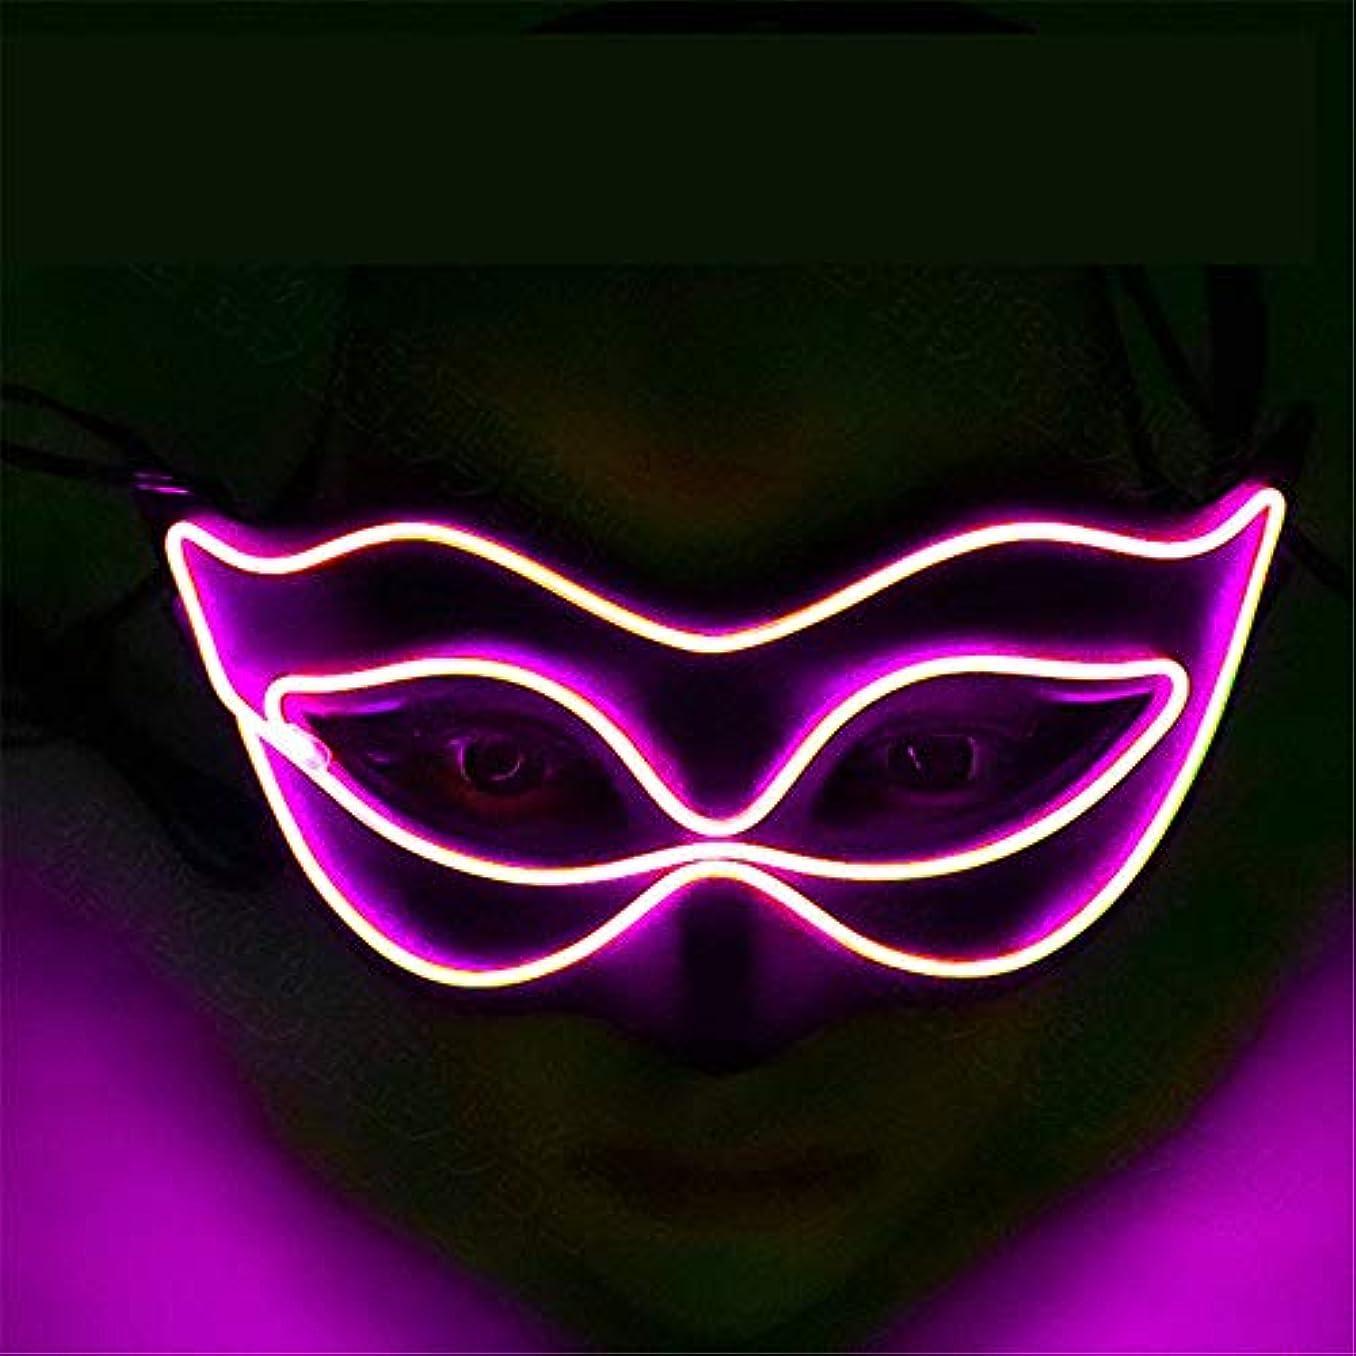 物質軌道入射仮面舞踏会マスク 仮面舞踏会白熱マスクカラフルな蛍光マスクパーティープリンセスマスク 女性用仮装マスク (Color : Pink)